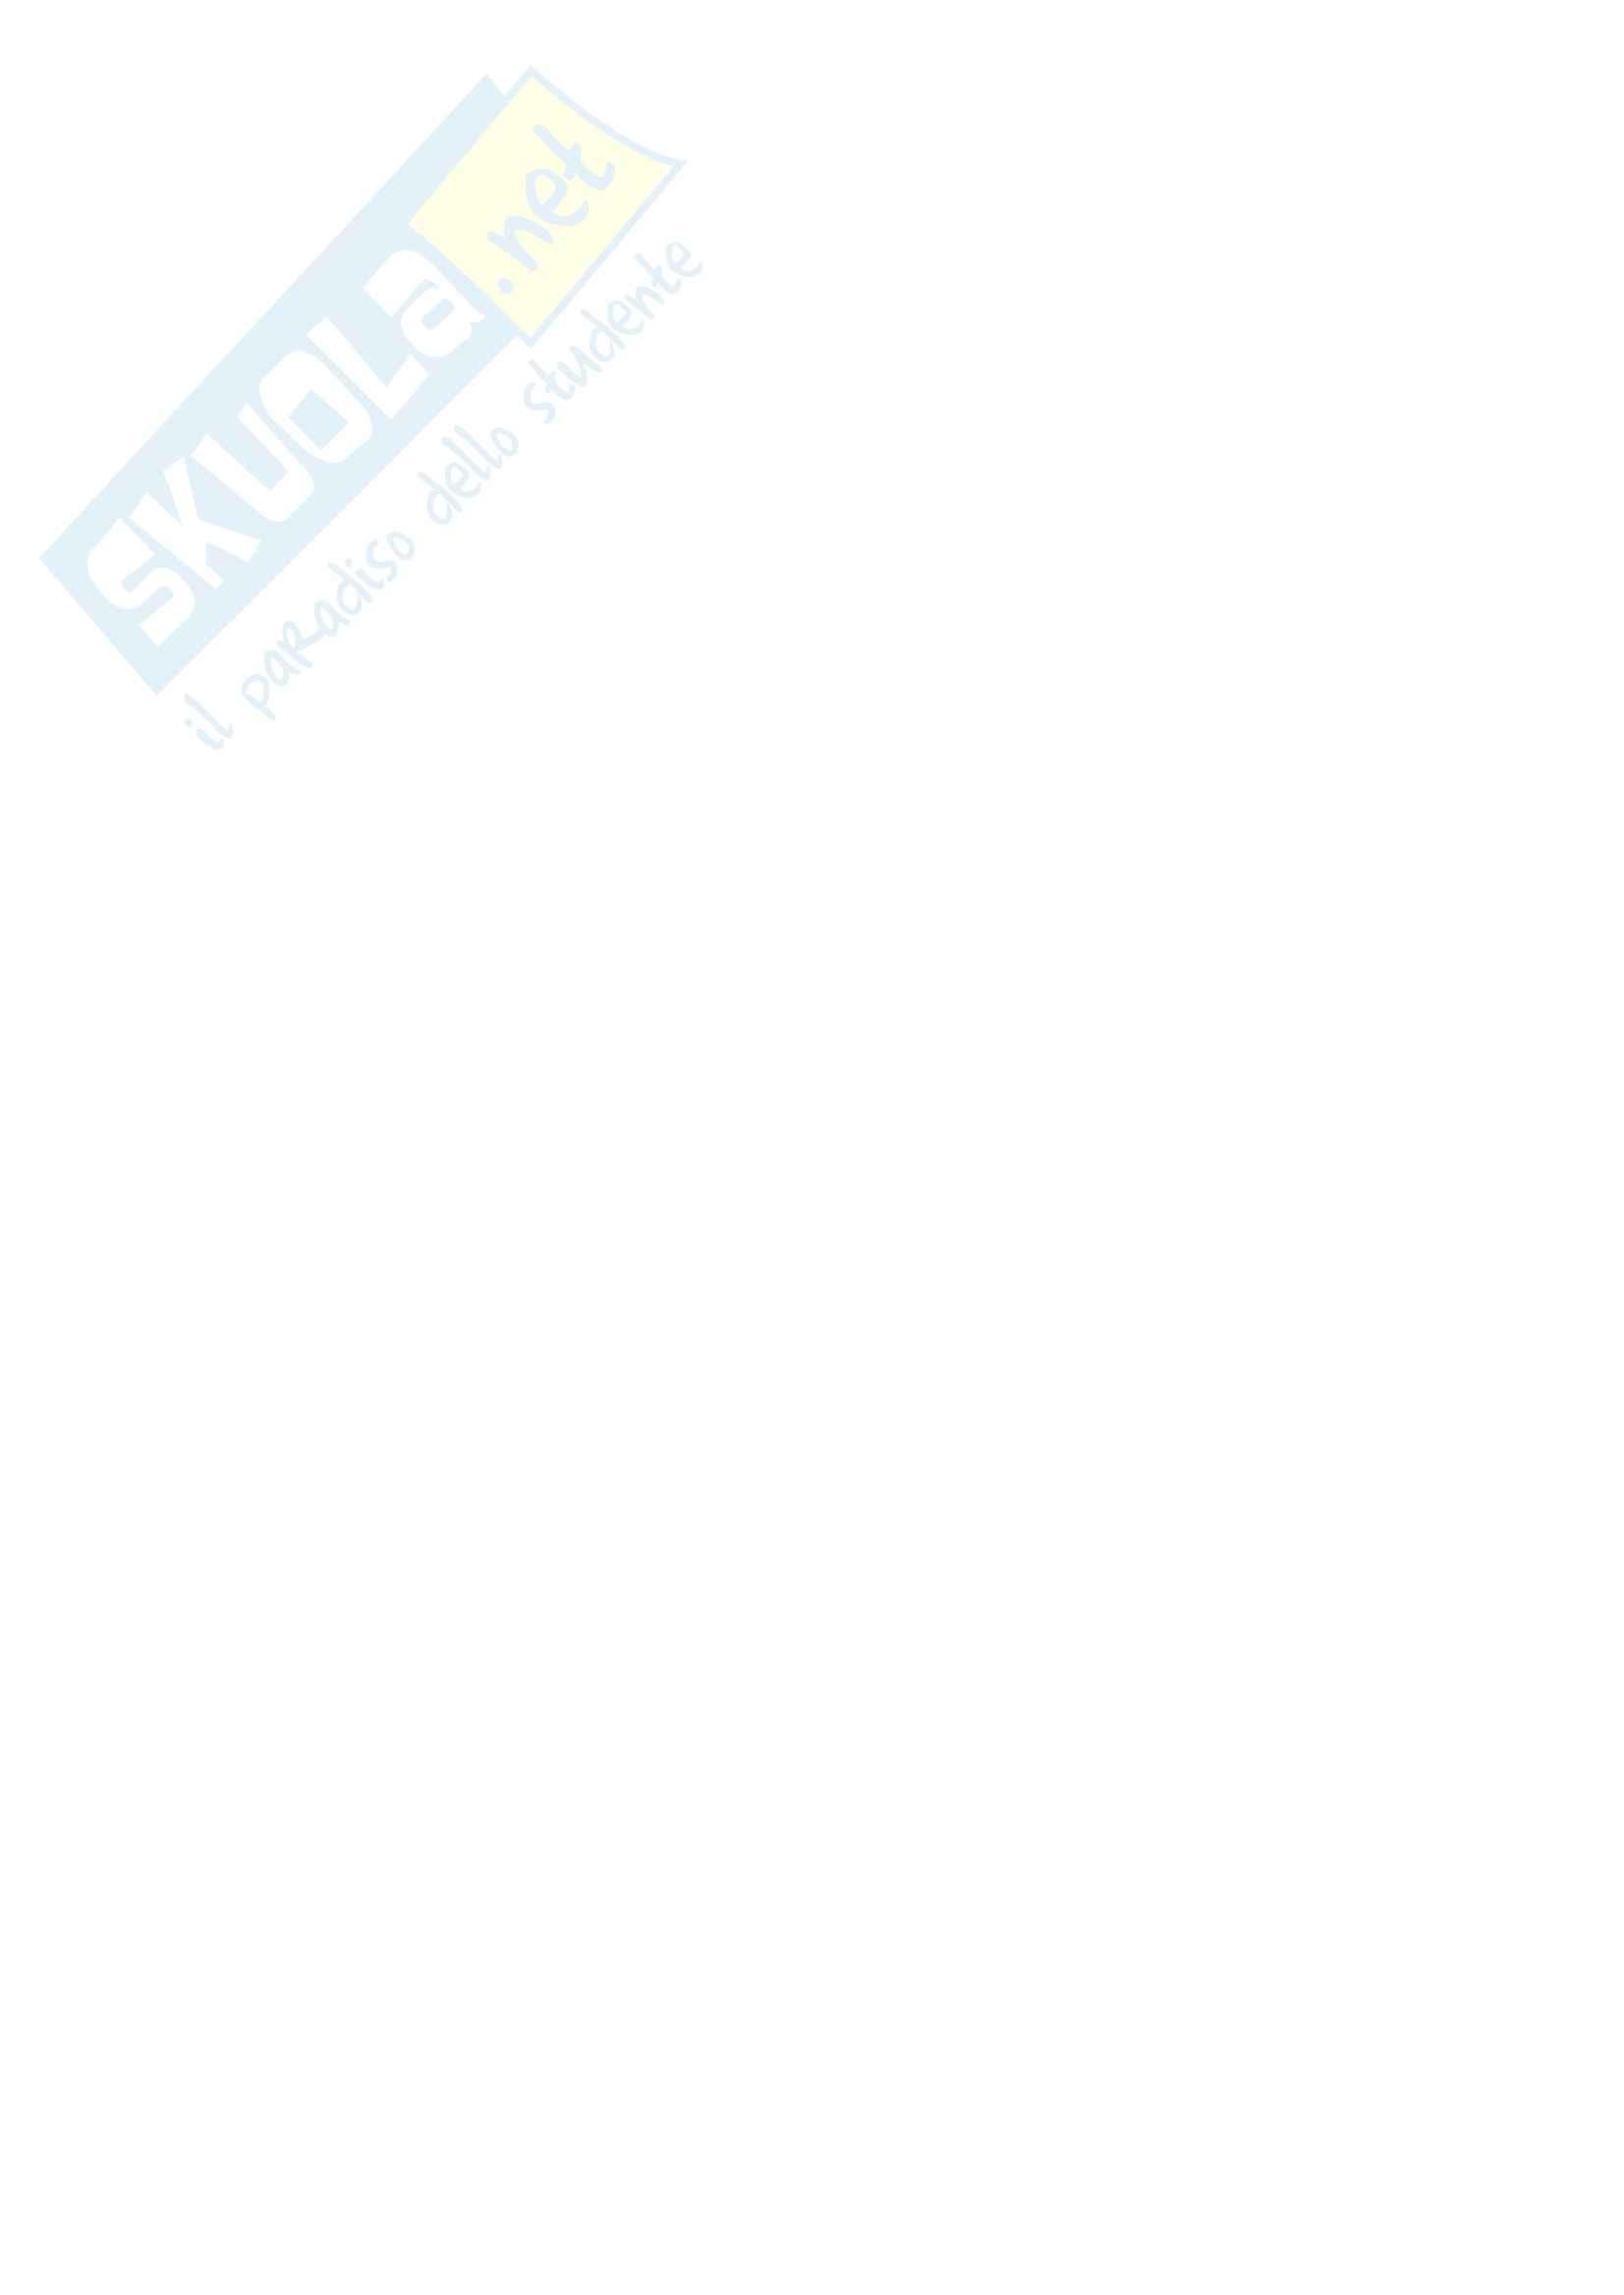 Diritto privato romano - contratti - Appunti Pag. 6